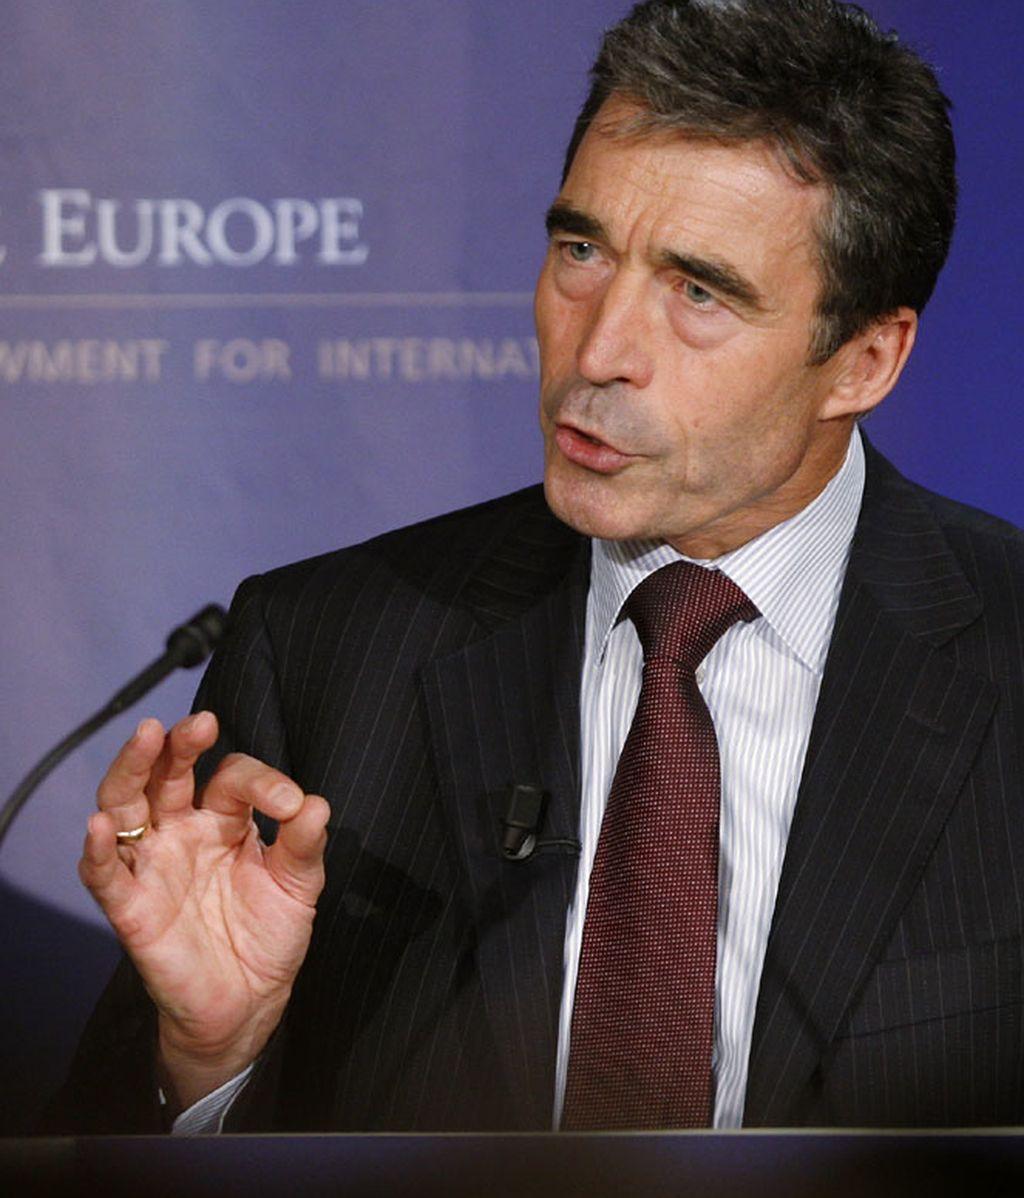 El secretario general de la OTAN Anders Fogh Rasmussen